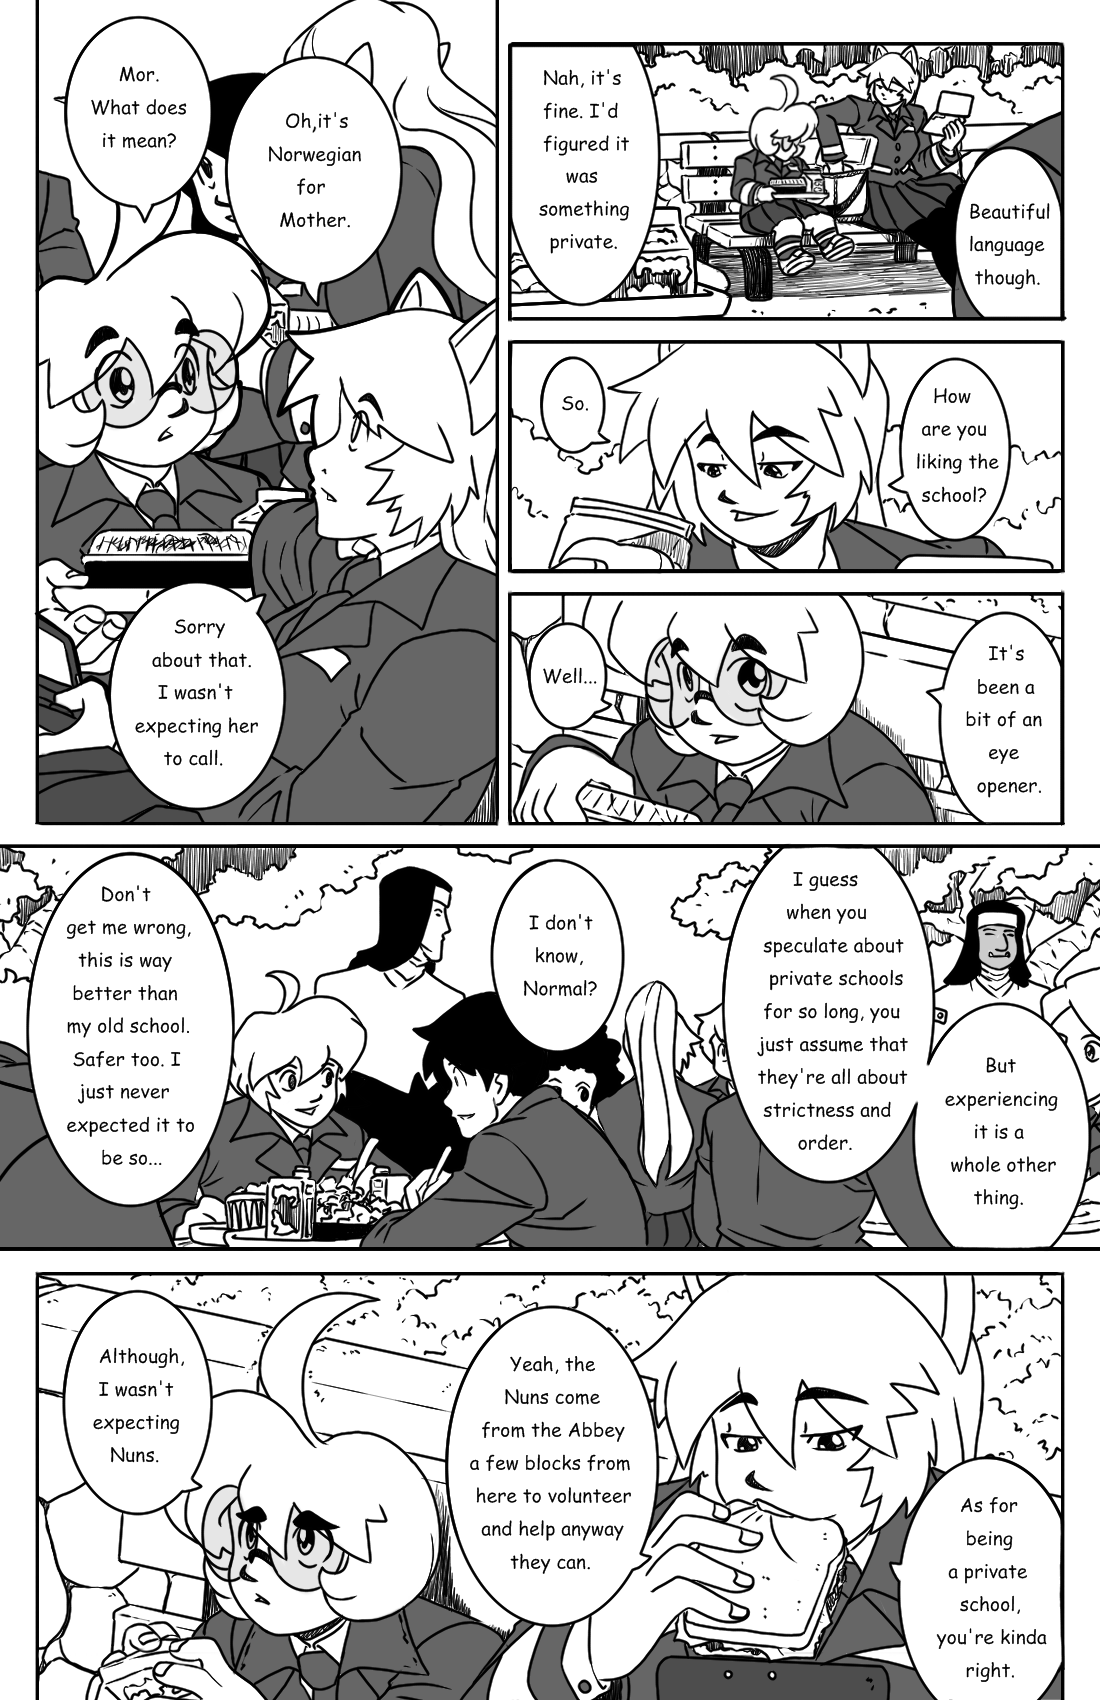 Mor pg.4